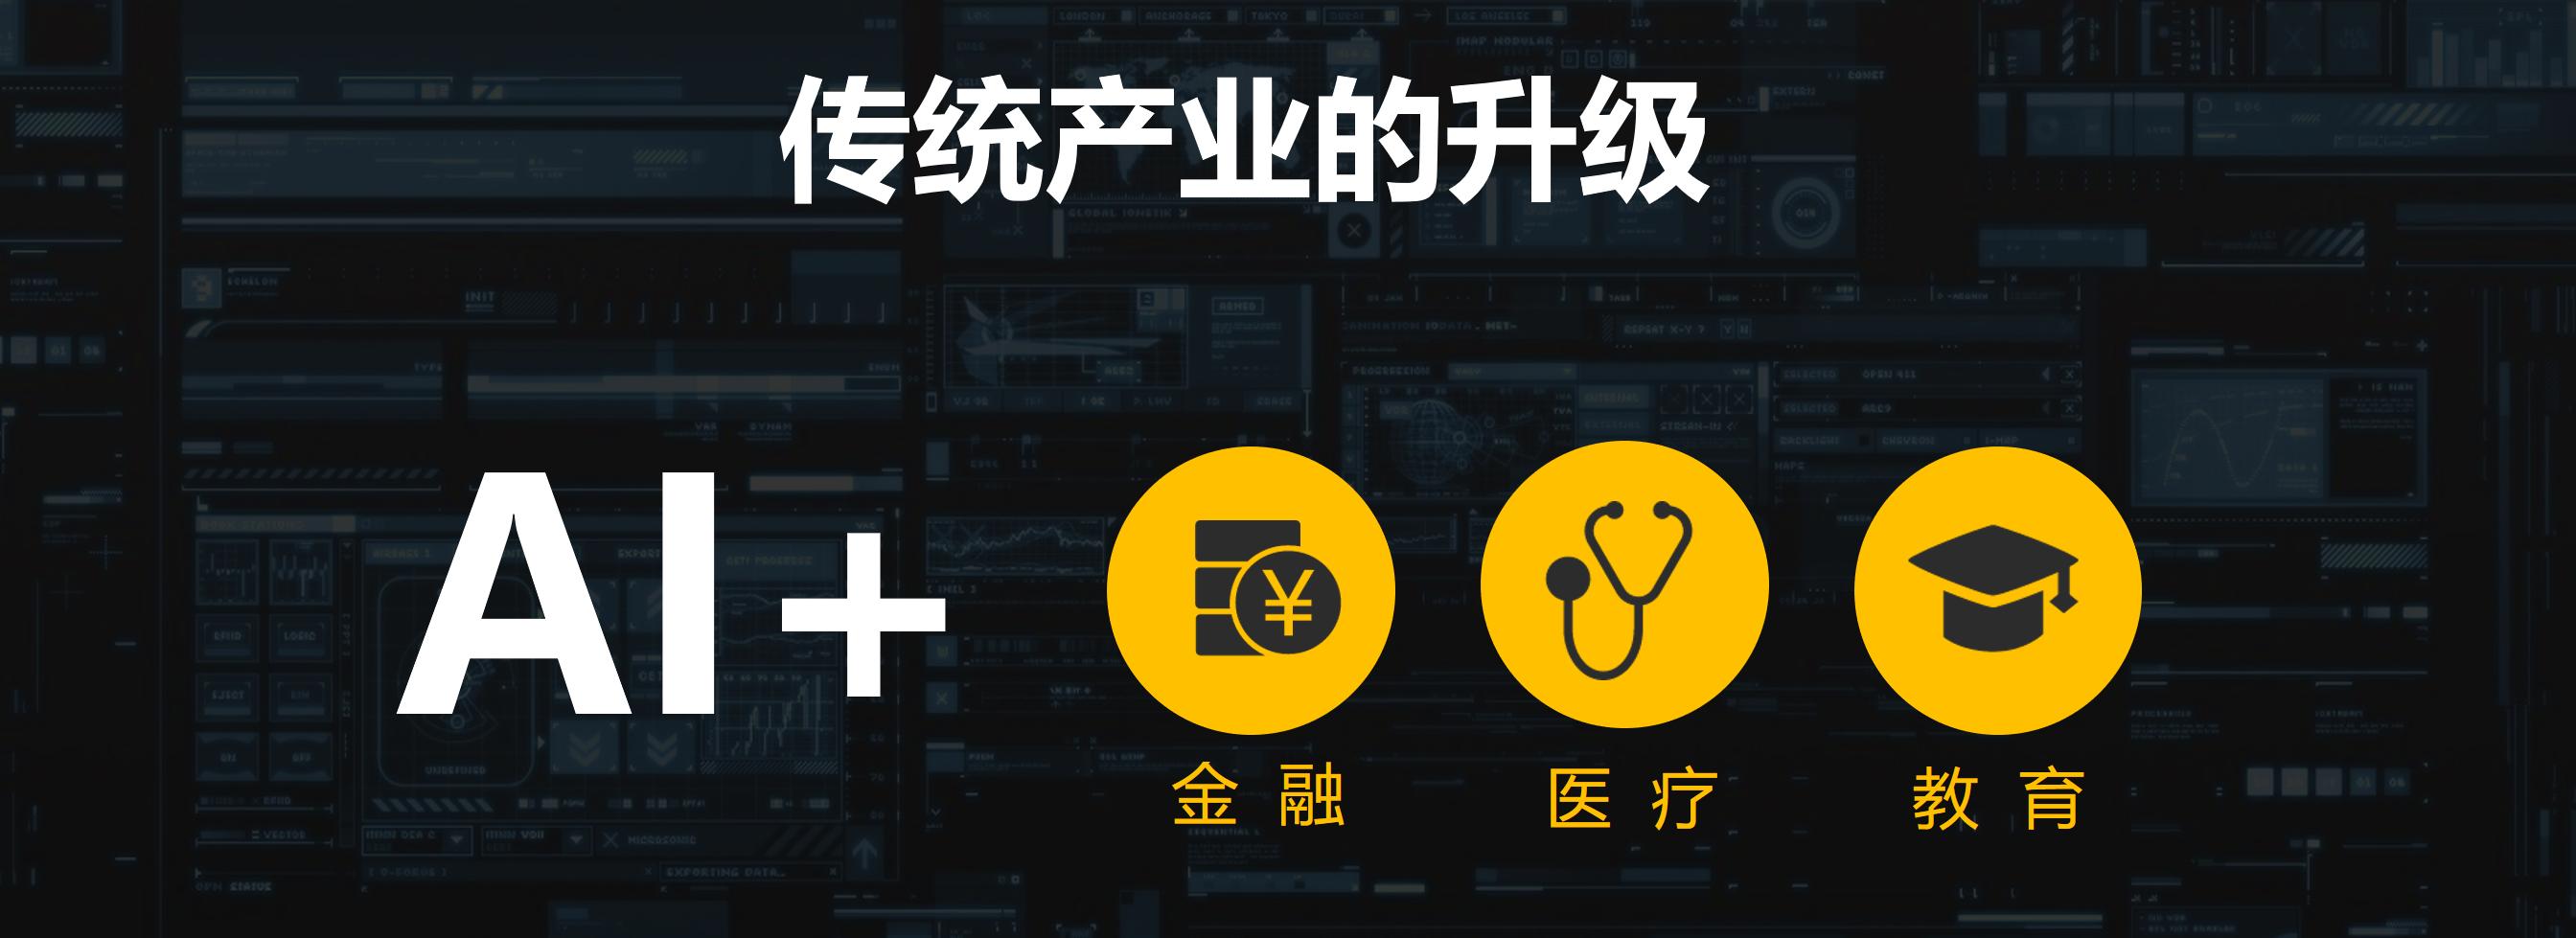 王小川GMIS大会演讲:人工智能的意义是什么? 人工智能 第4张